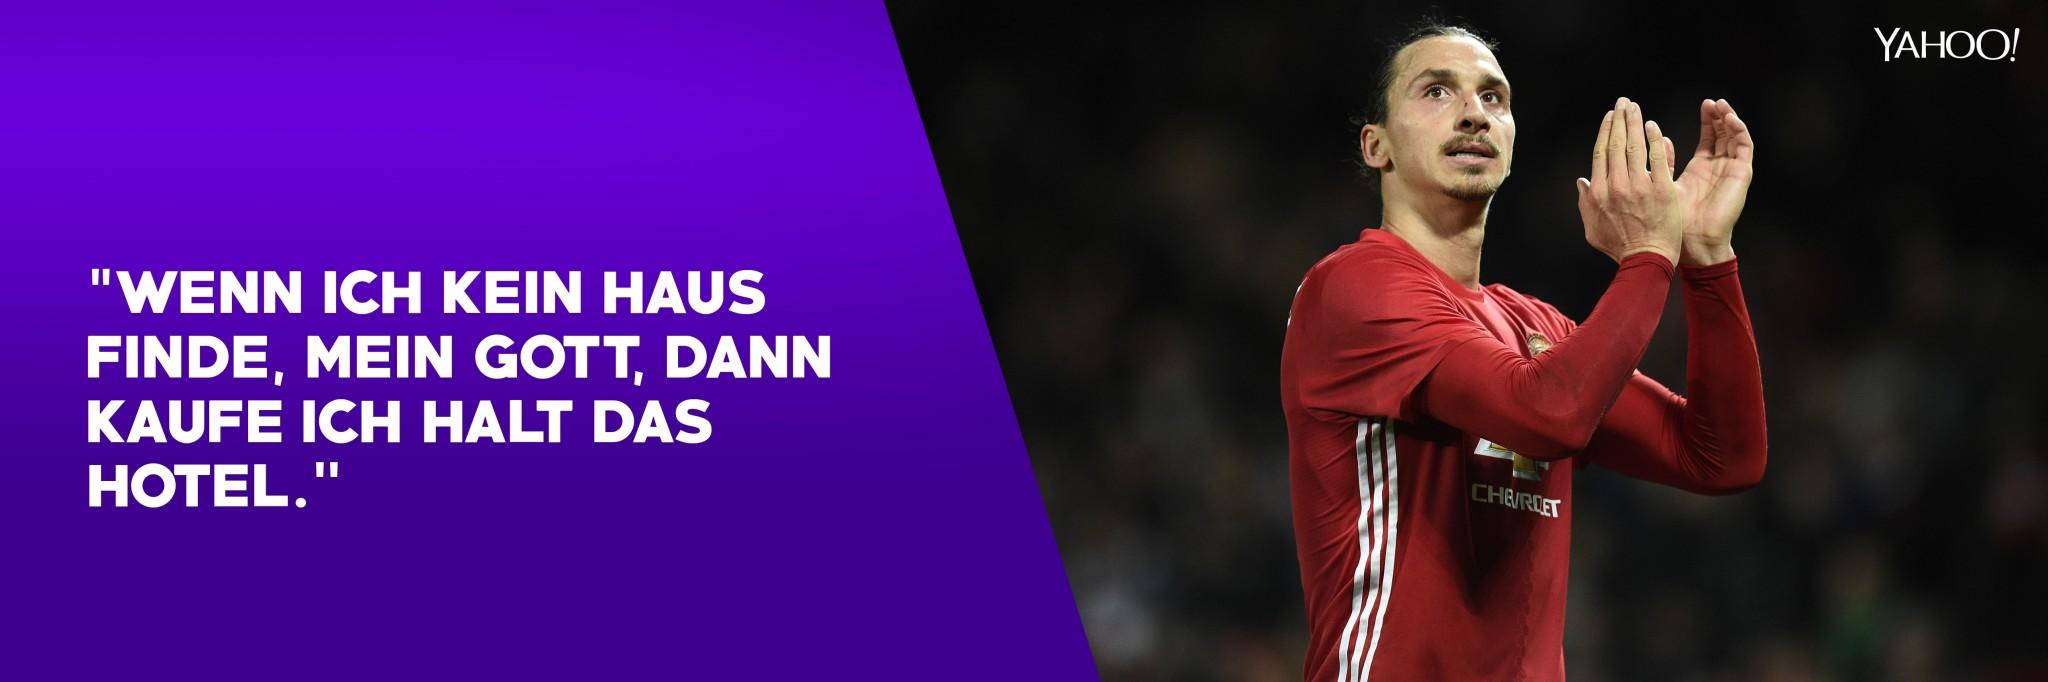 zlatan ibrahimovic sprüche Die besten Sprüche von Zlatan Ibrahimovic zlatan ibrahimovic sprüche